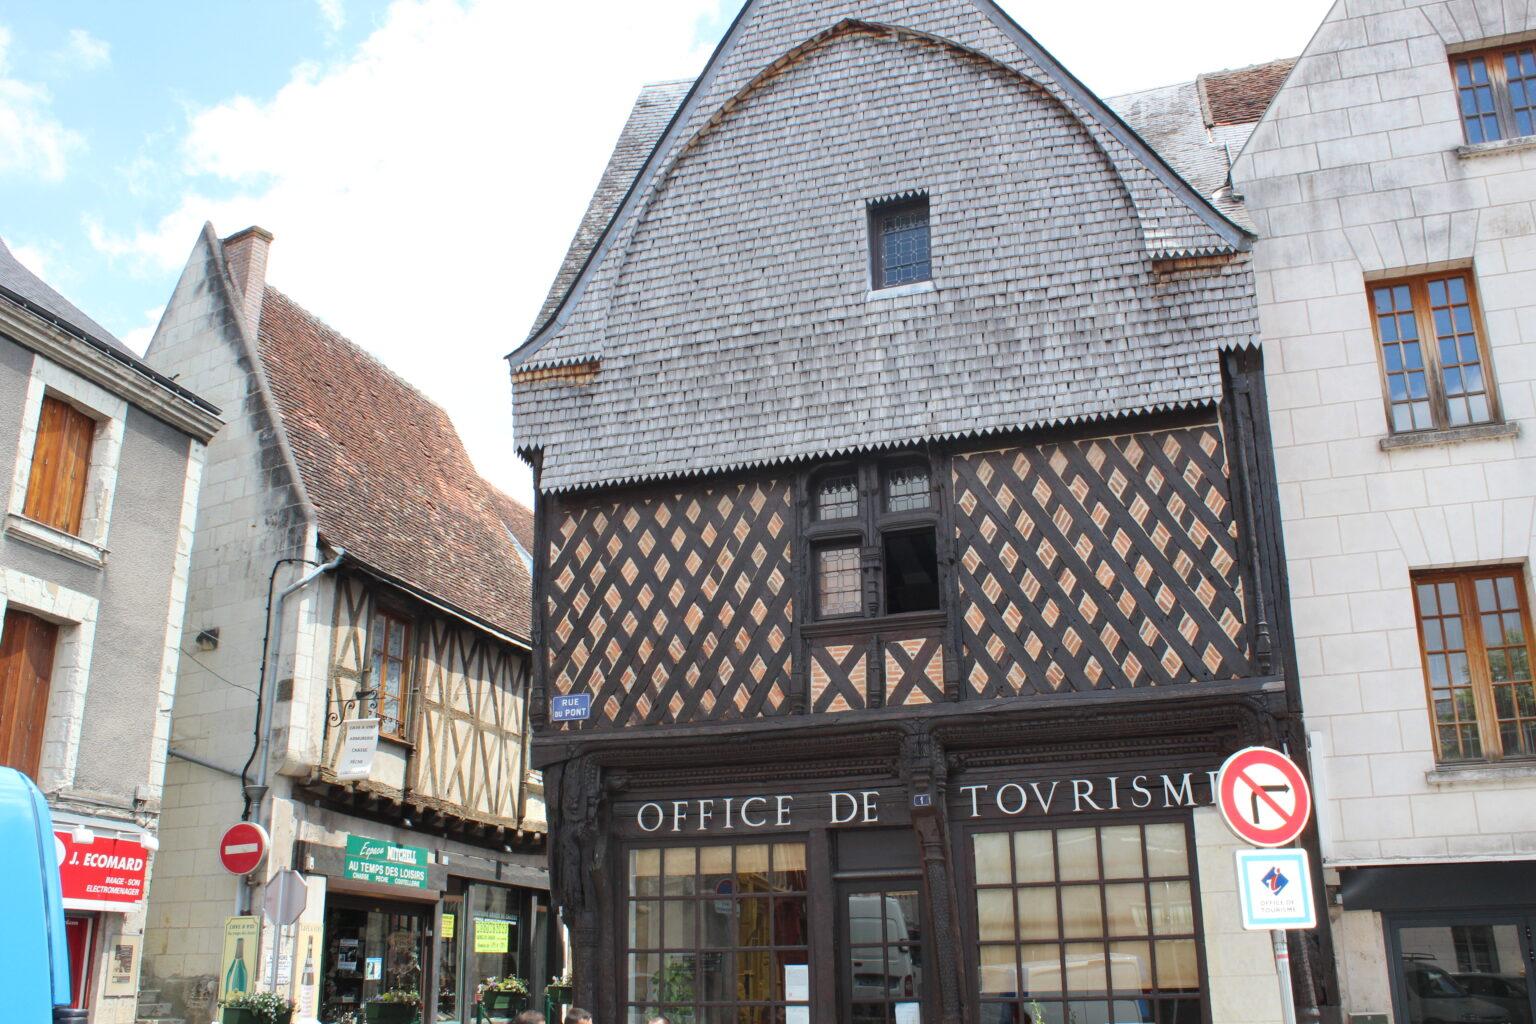 Office de Tourisme Montrichard